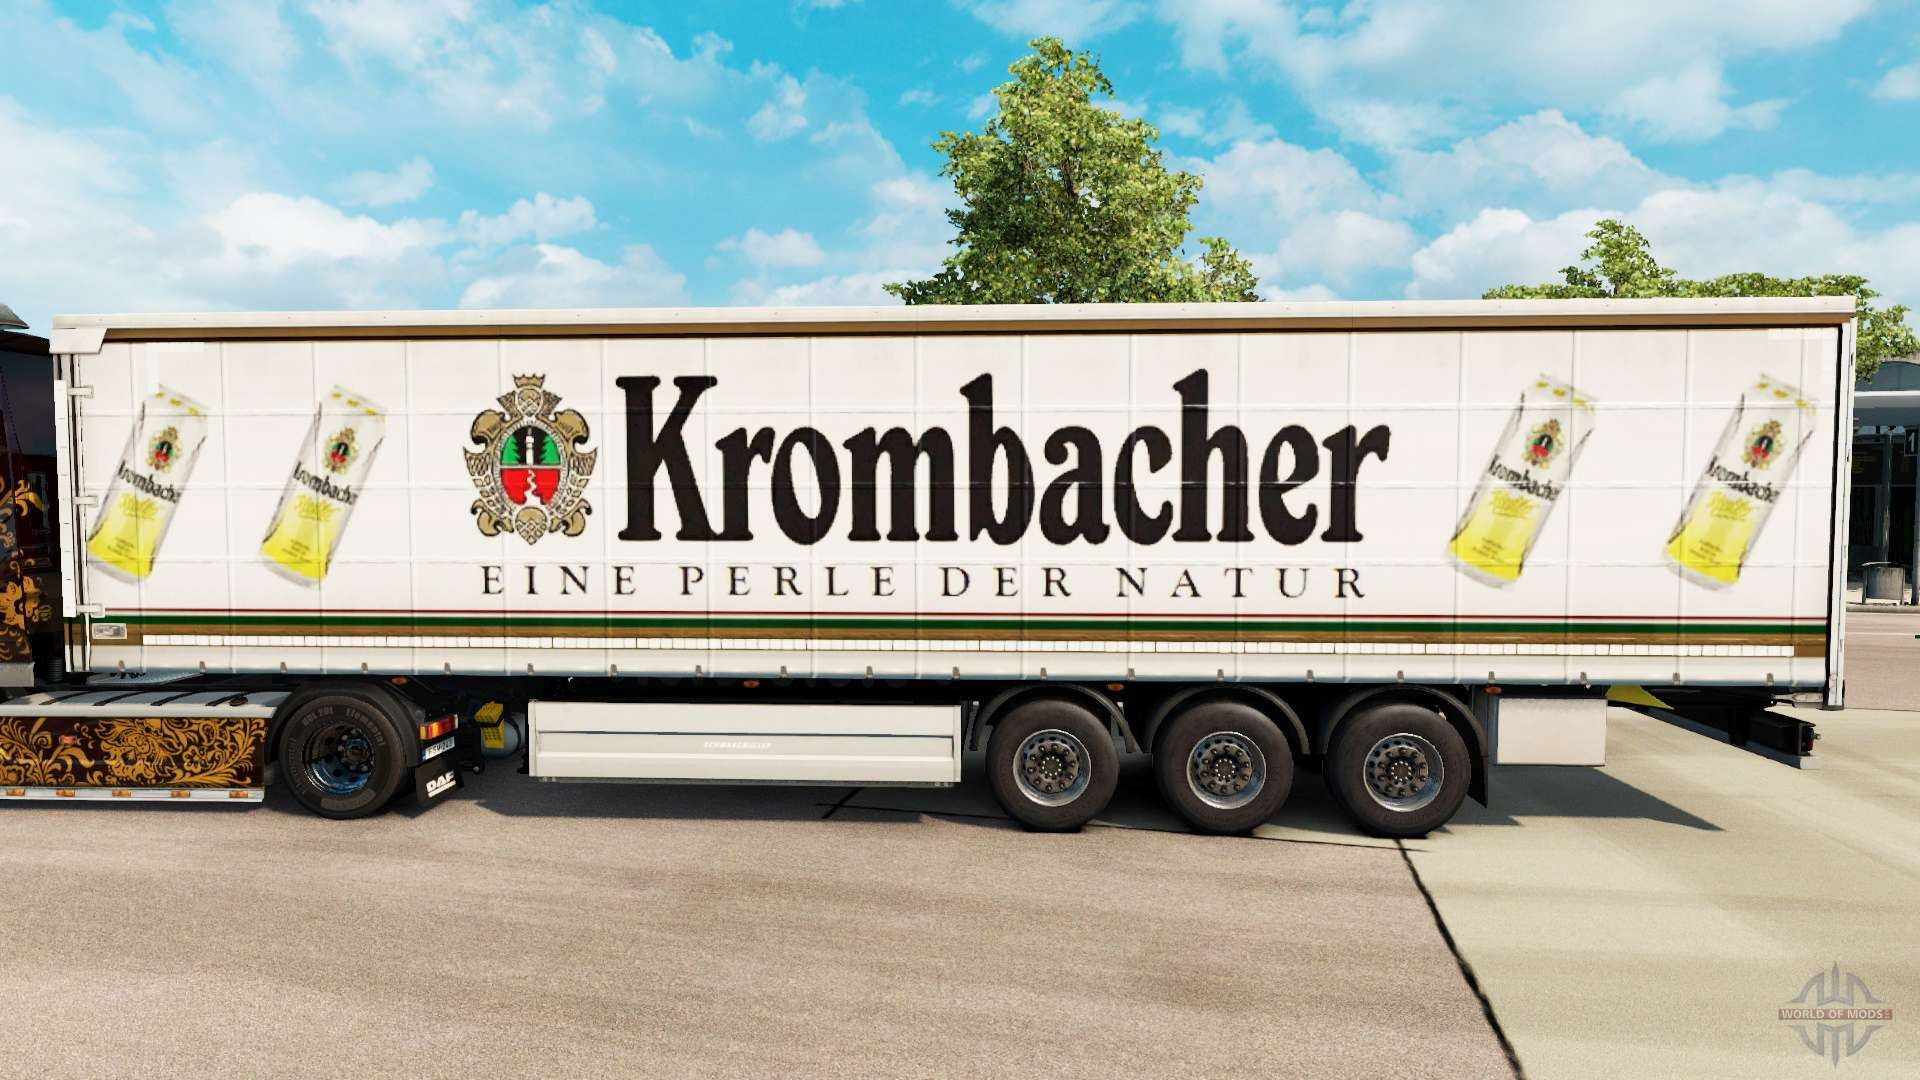 Krombacher Gewinnspiel 2 Euro